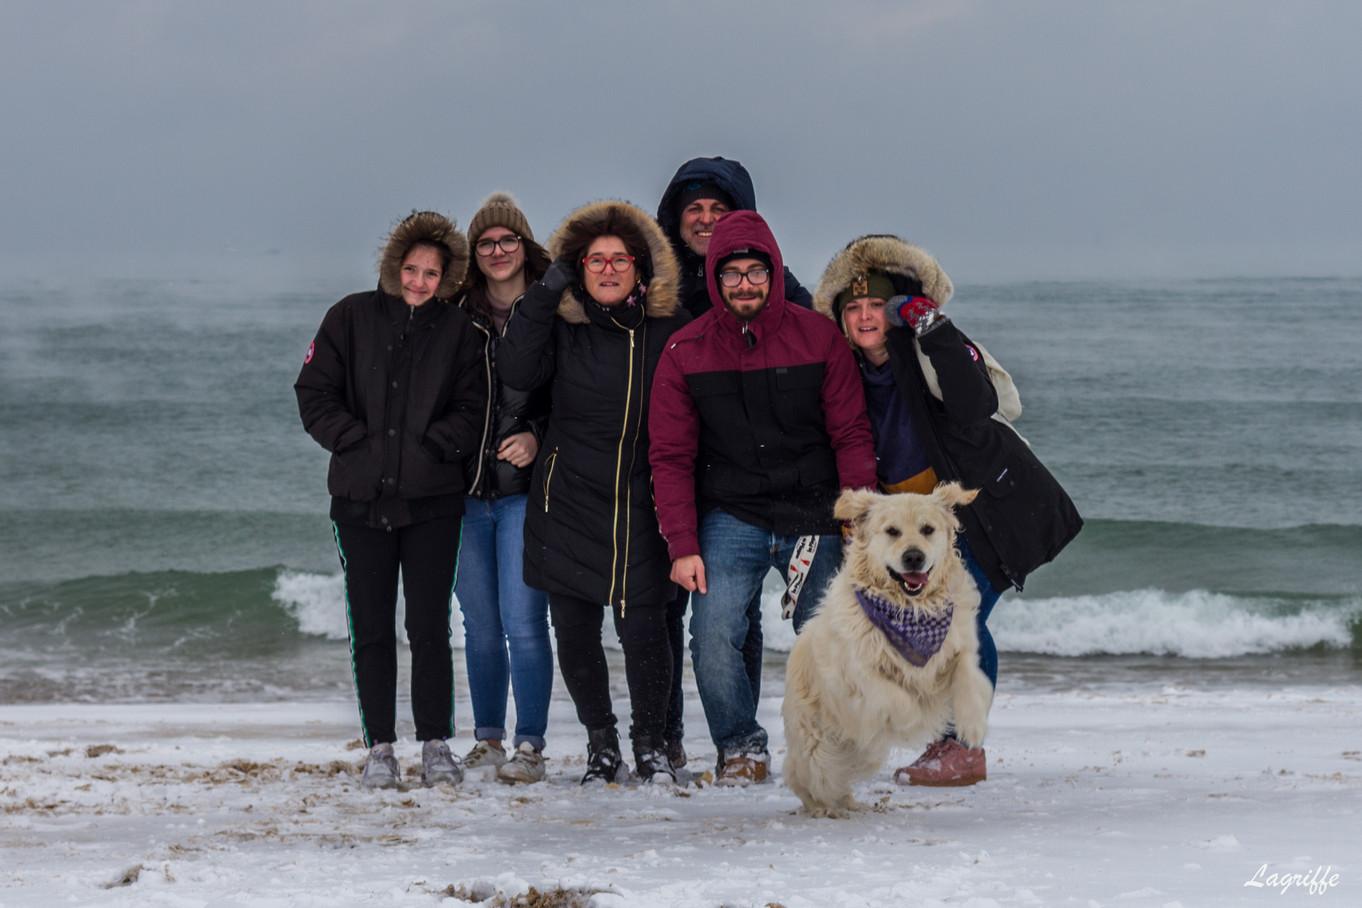 famille neige.jpg